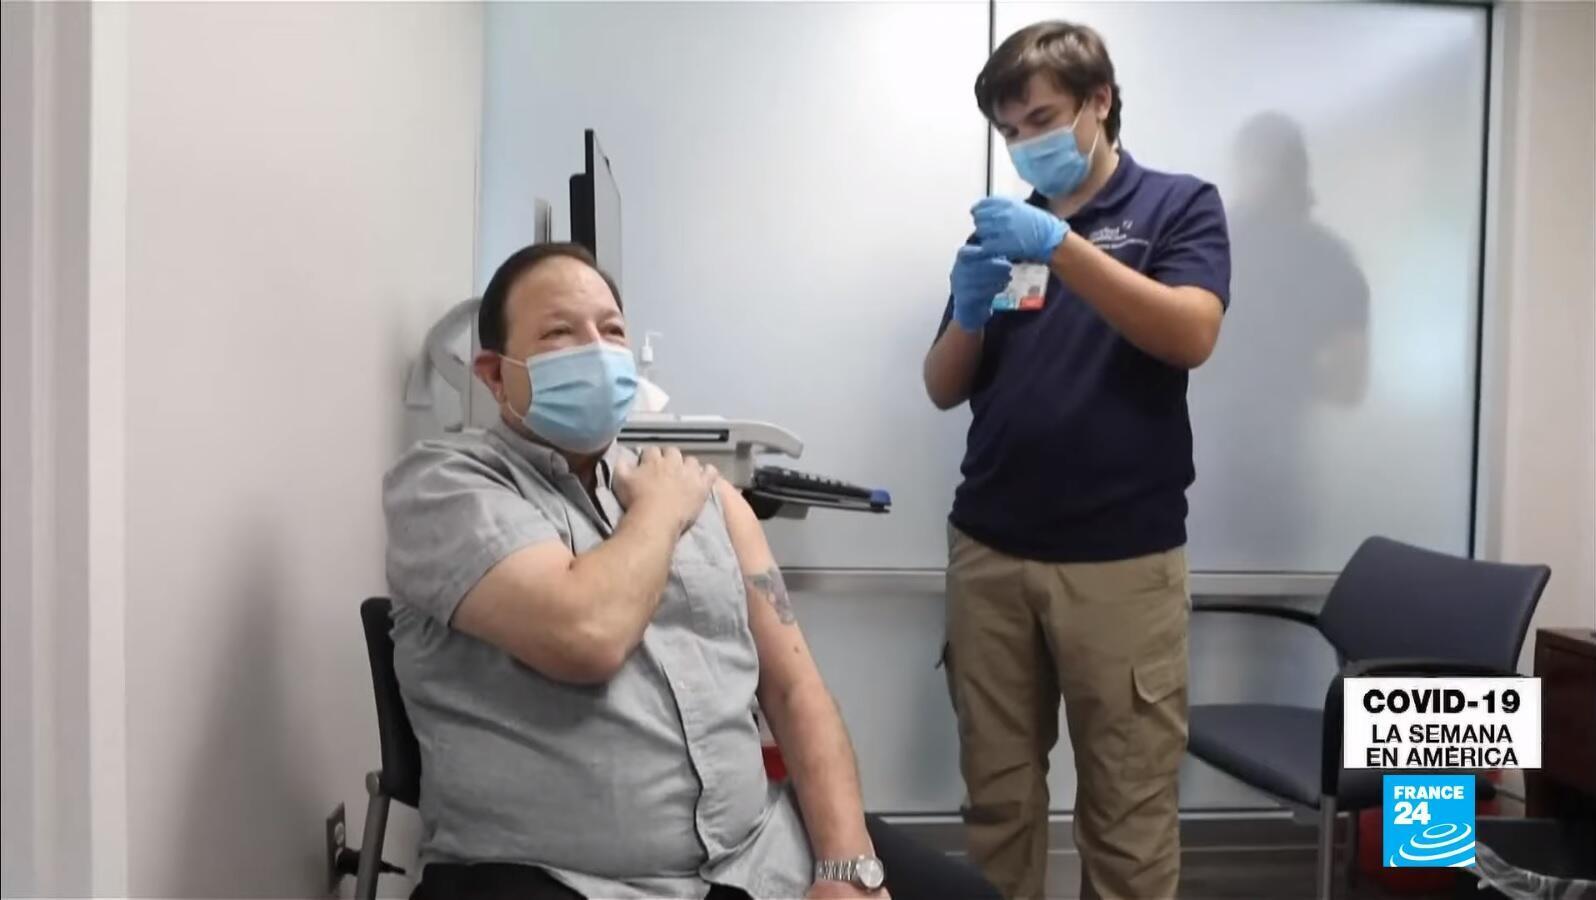 Semana en América - Vacunacion obligatoria Estados Unidos